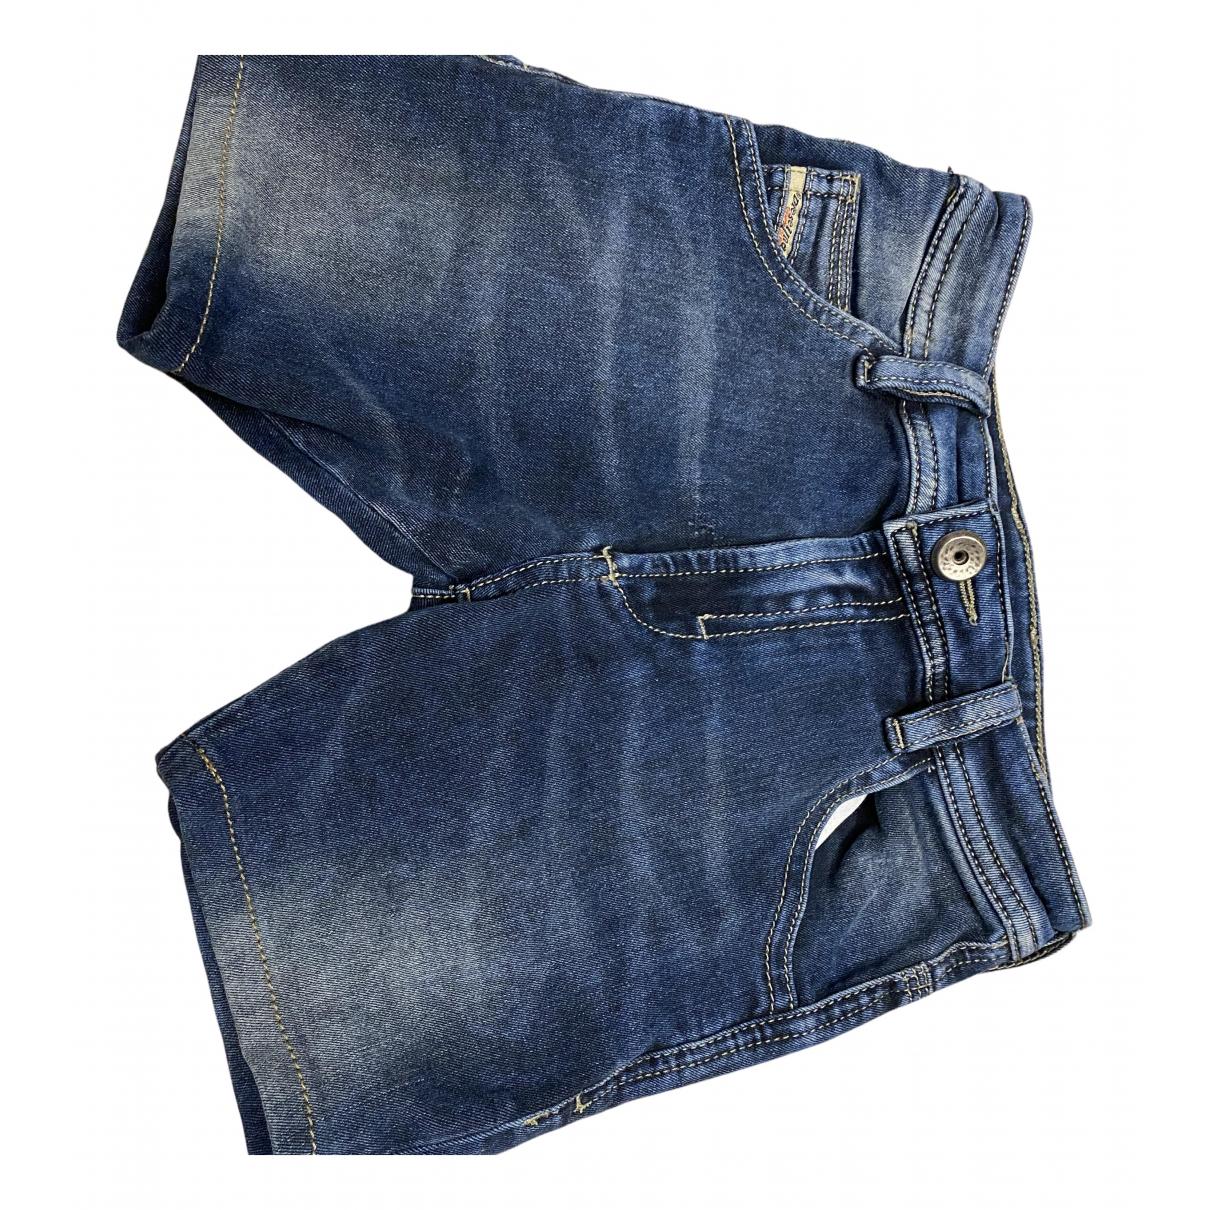 Diesel \N Shorts in  Blau Denim - Jeans